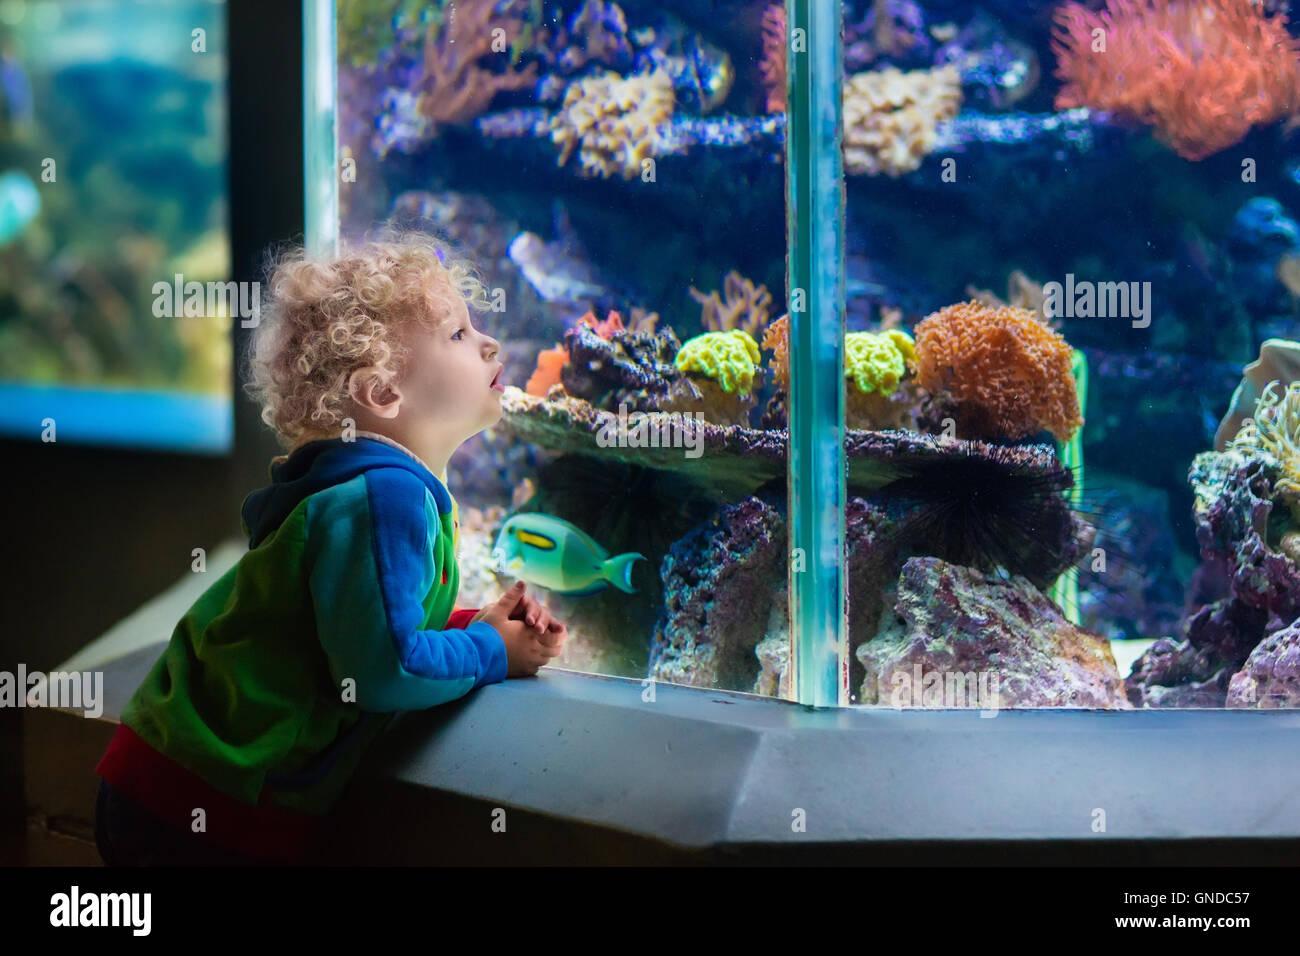 Little Boy guardare coralli tropicali pesci nel mare di grandi dimensioni serbatoio di vita. I bambini allo zoo Immagini Stock